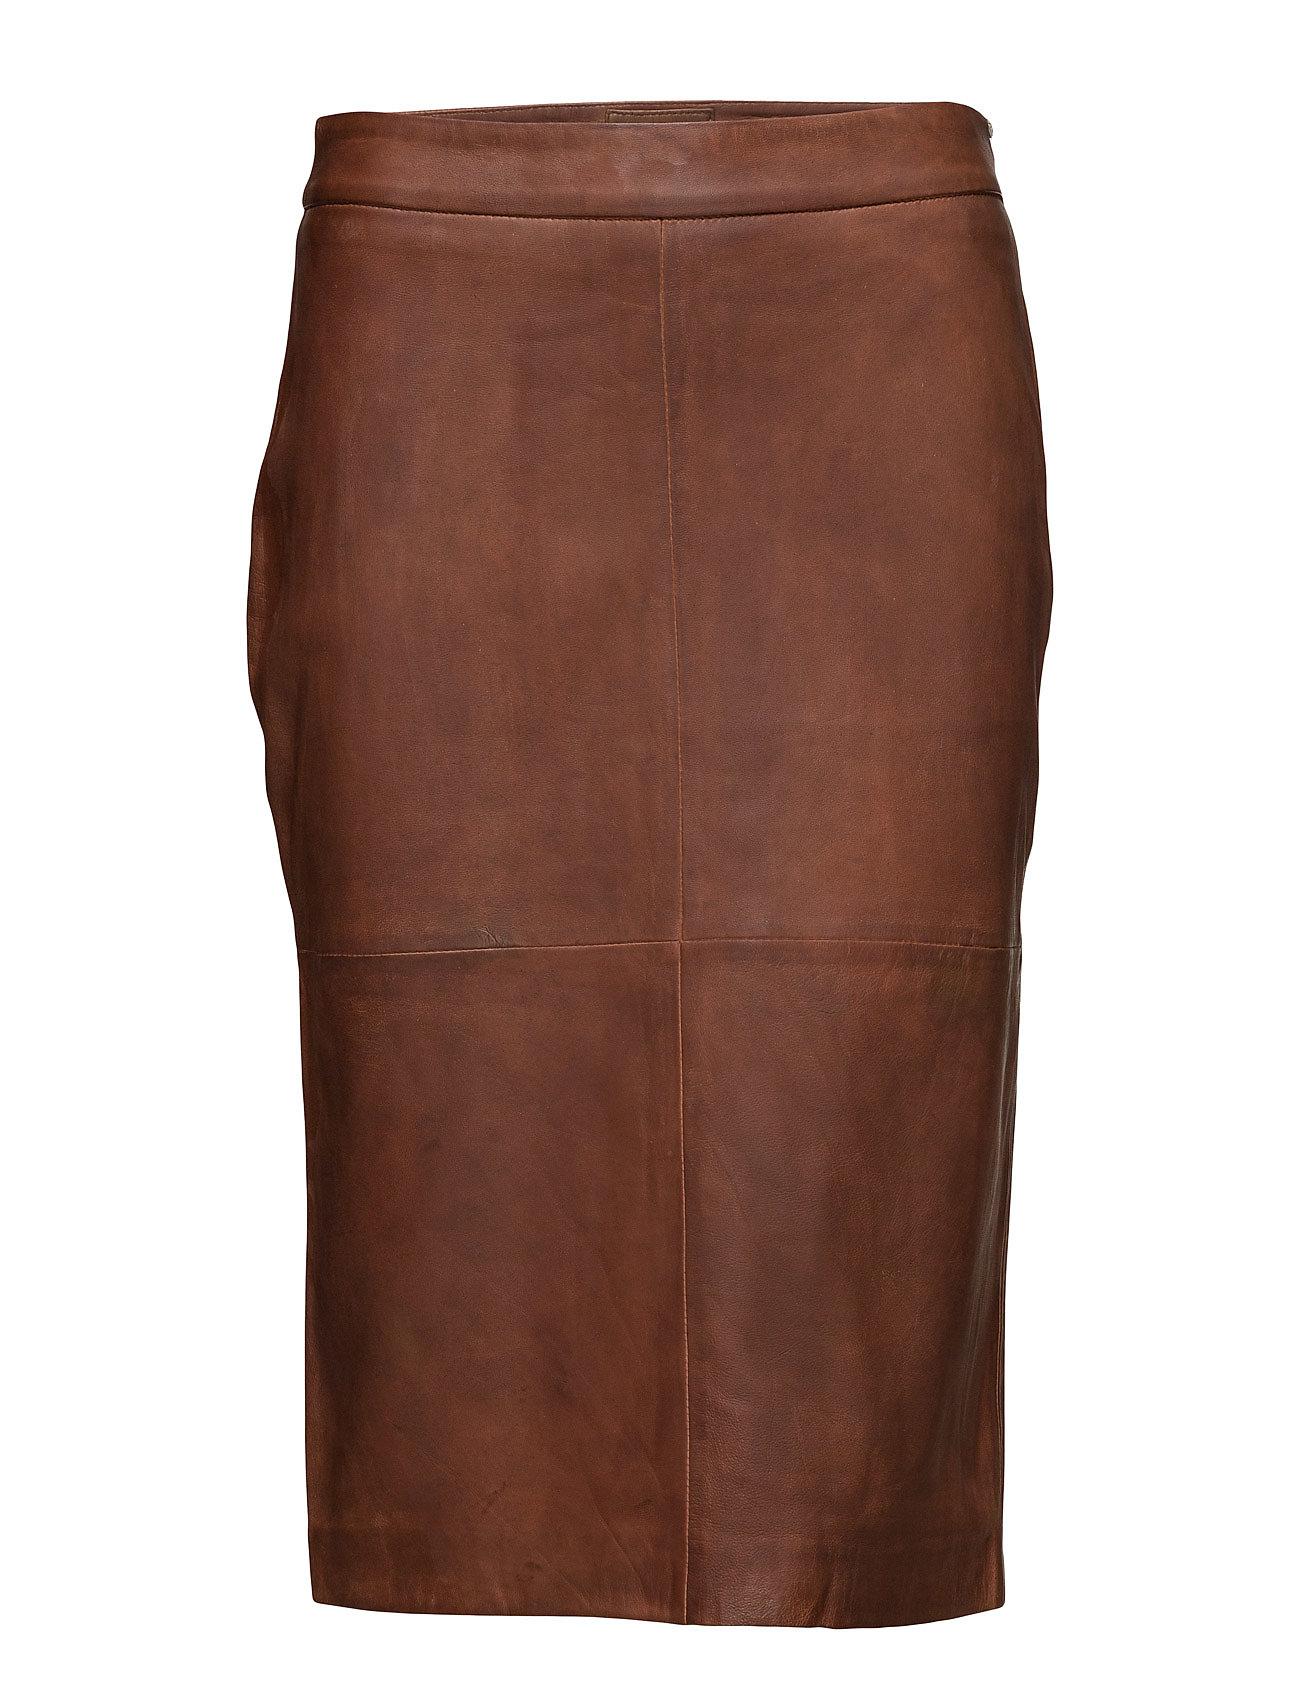 DEPECHE Skirt - COGNAC